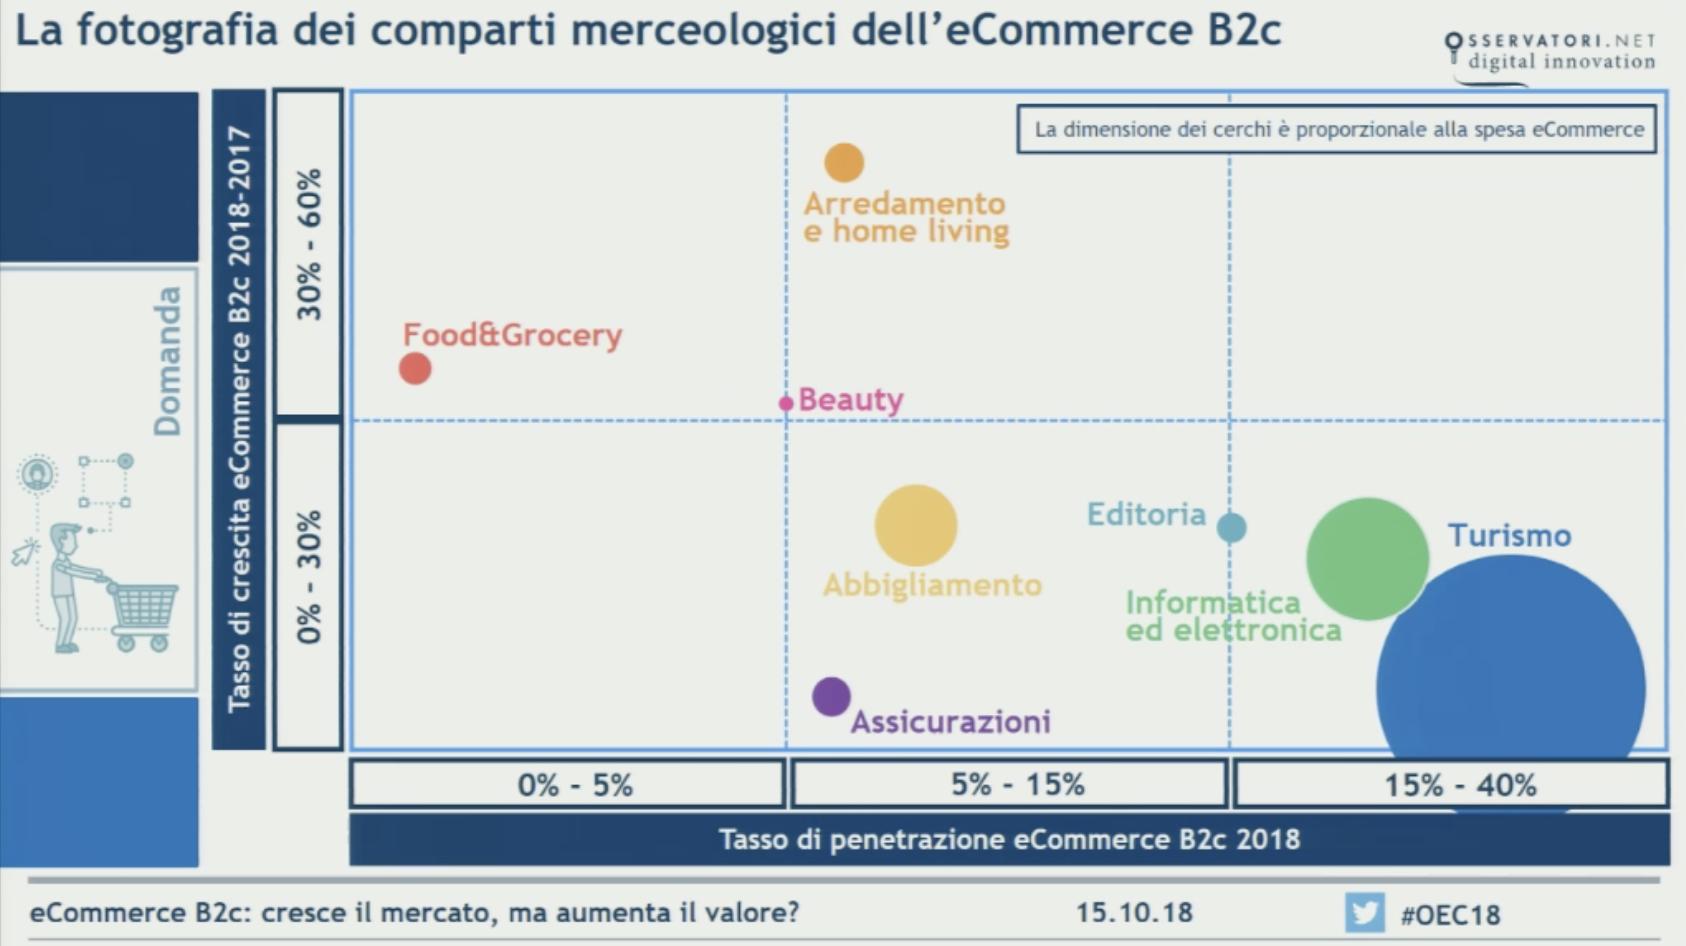 Ecommerce B2C in Italia, una fotografia della crescita dei principali settori